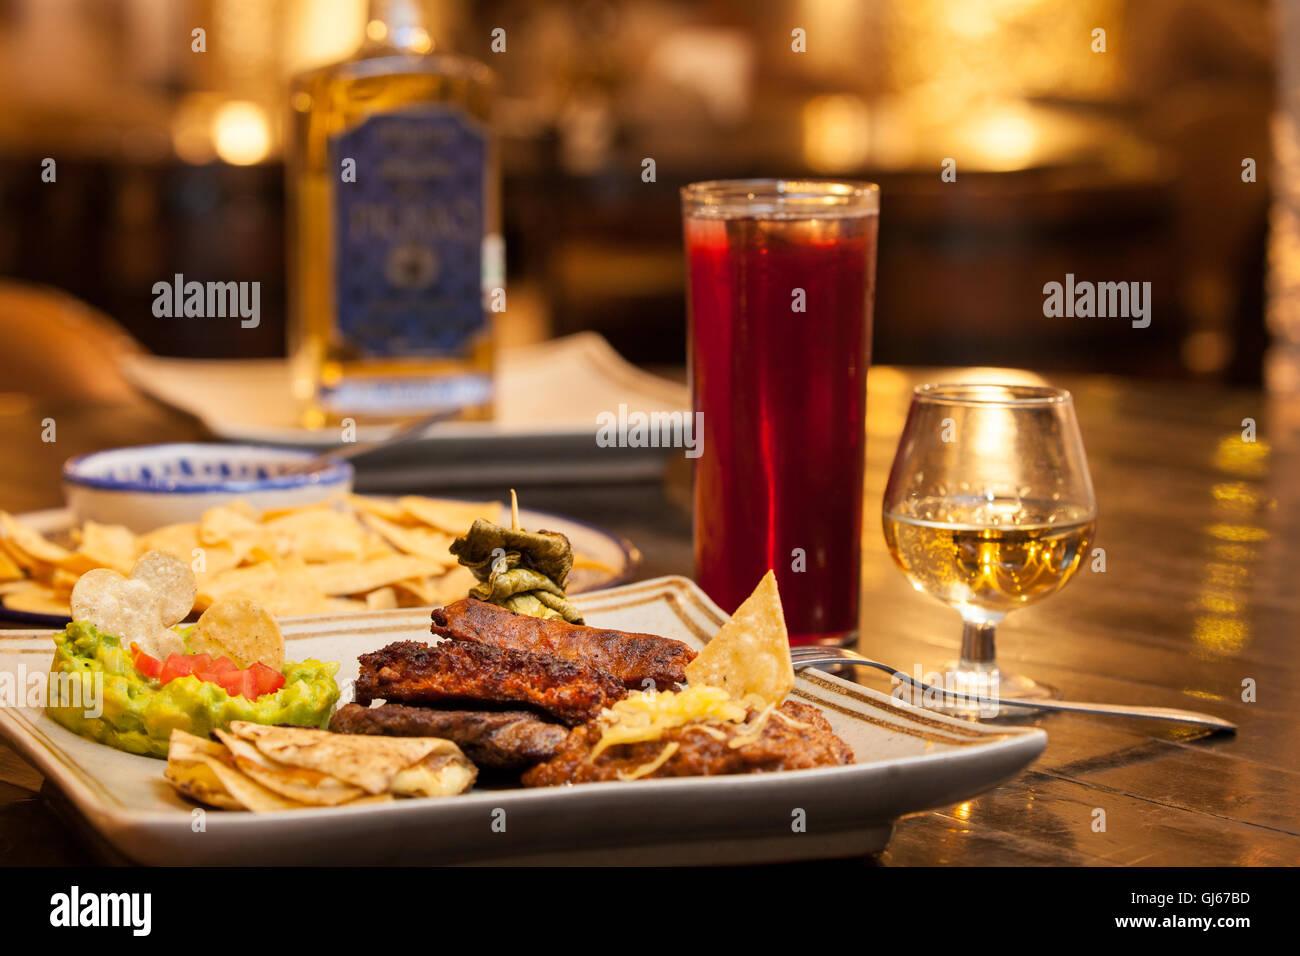 Arrachera jimador in la taberna ristorante a la cofradía hacienda di tequila, jalisco, Messico. Immagini Stock